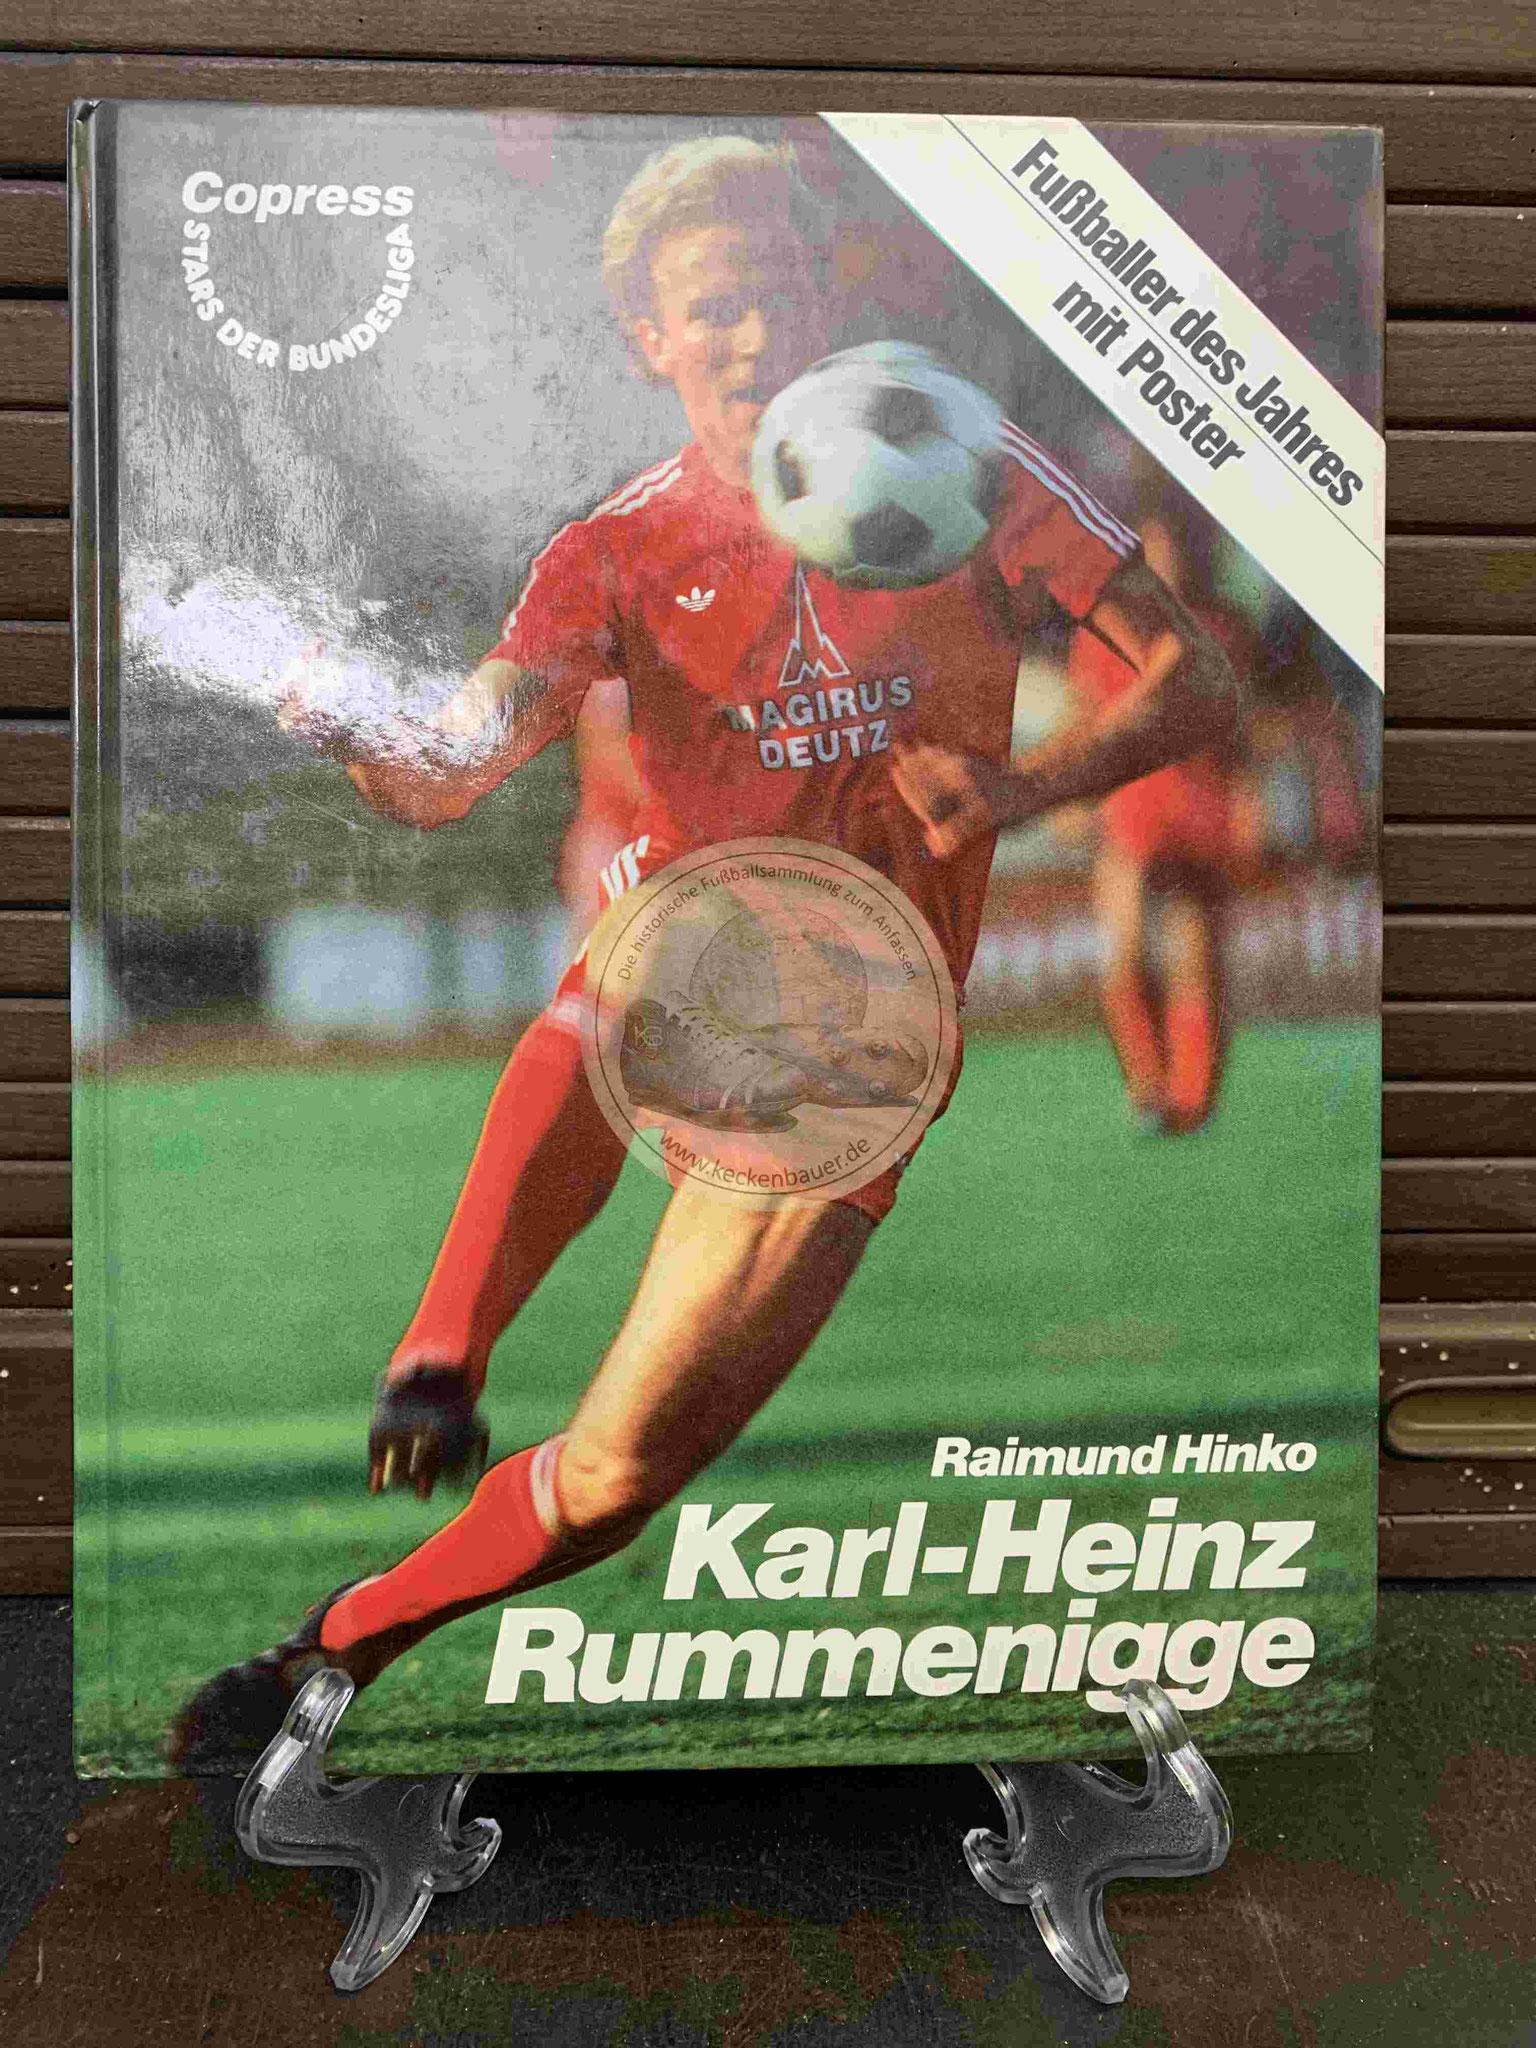 Raimund Hinko Karl-Heinz Rummenigge aus dem Jahr 1983